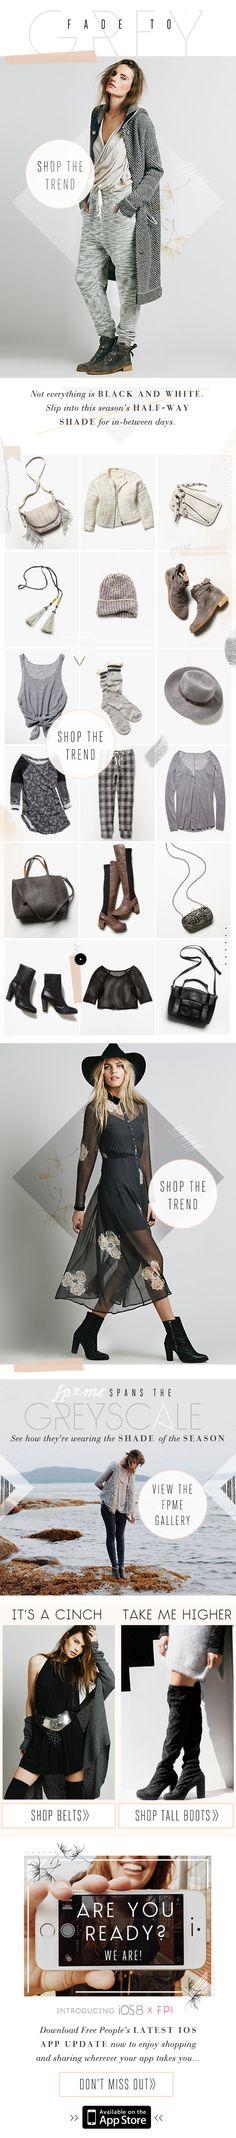 Email Design - Kellyn Walker // Graphic Designer